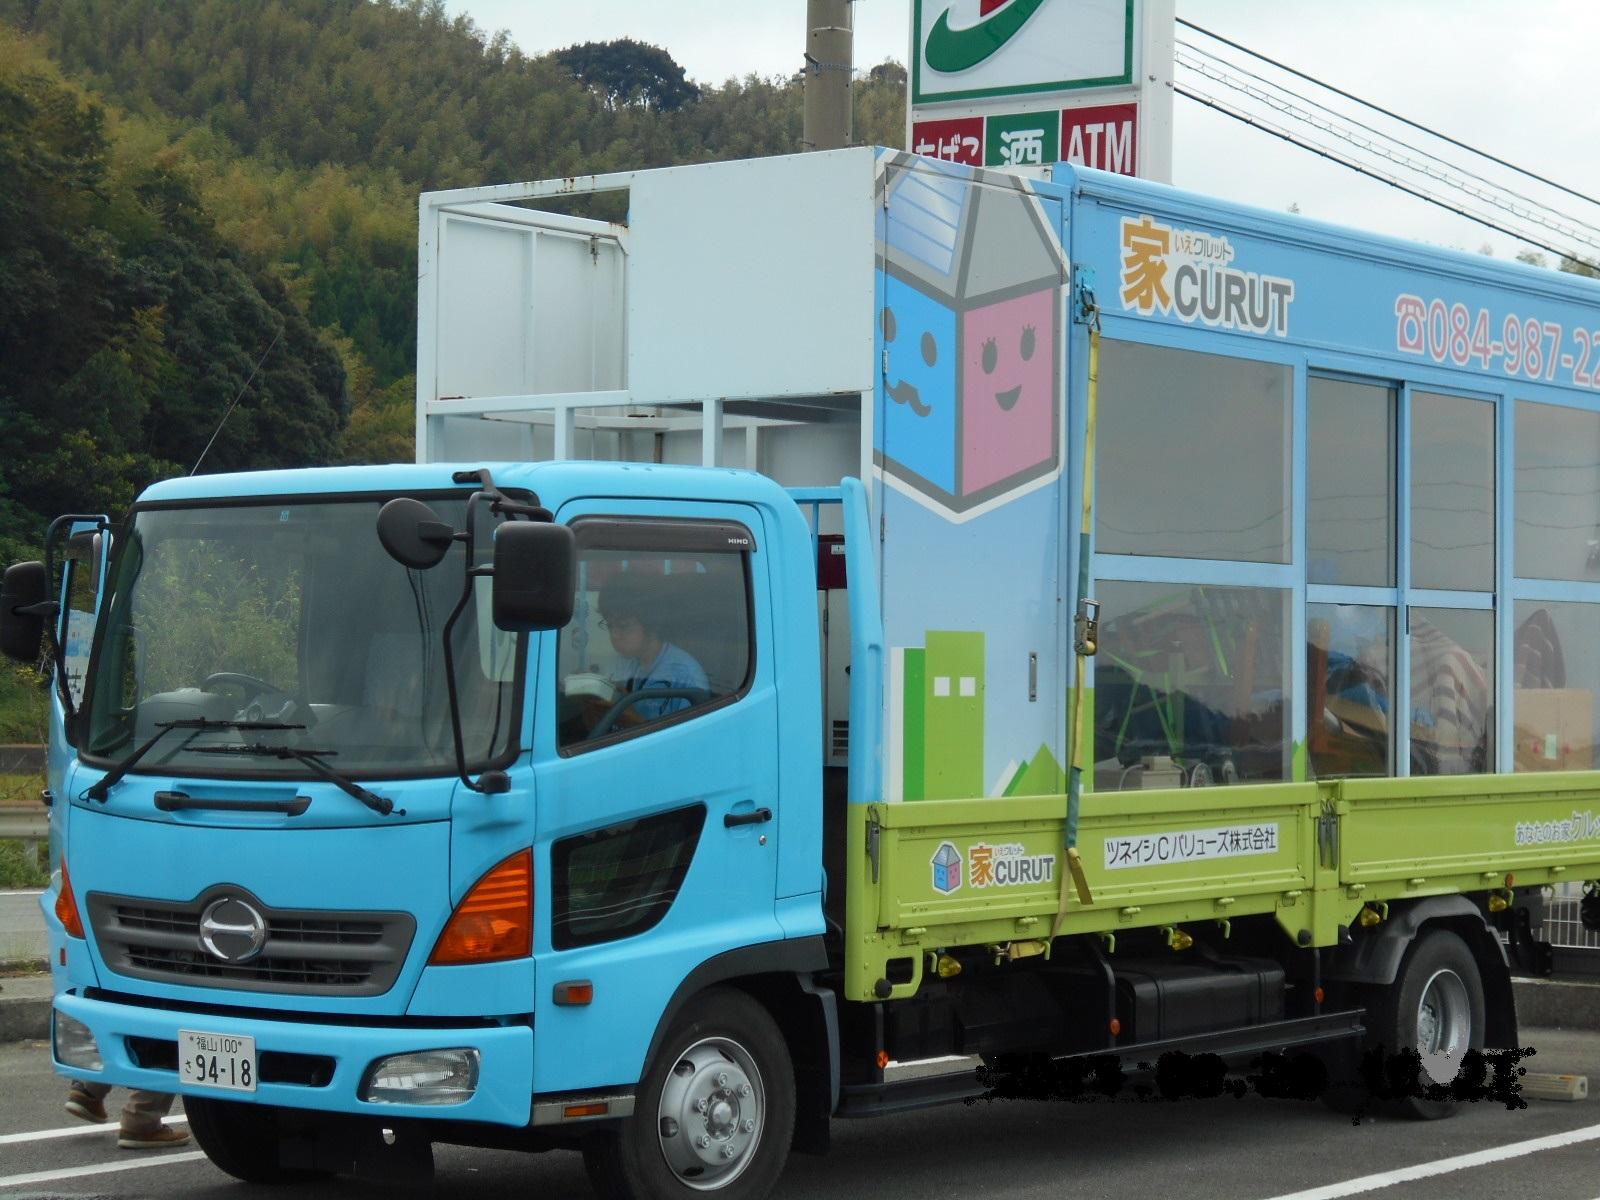 ツネイシCバリューズの発電機を備えた移動式車両「家クルット君」がサポートカーで参加